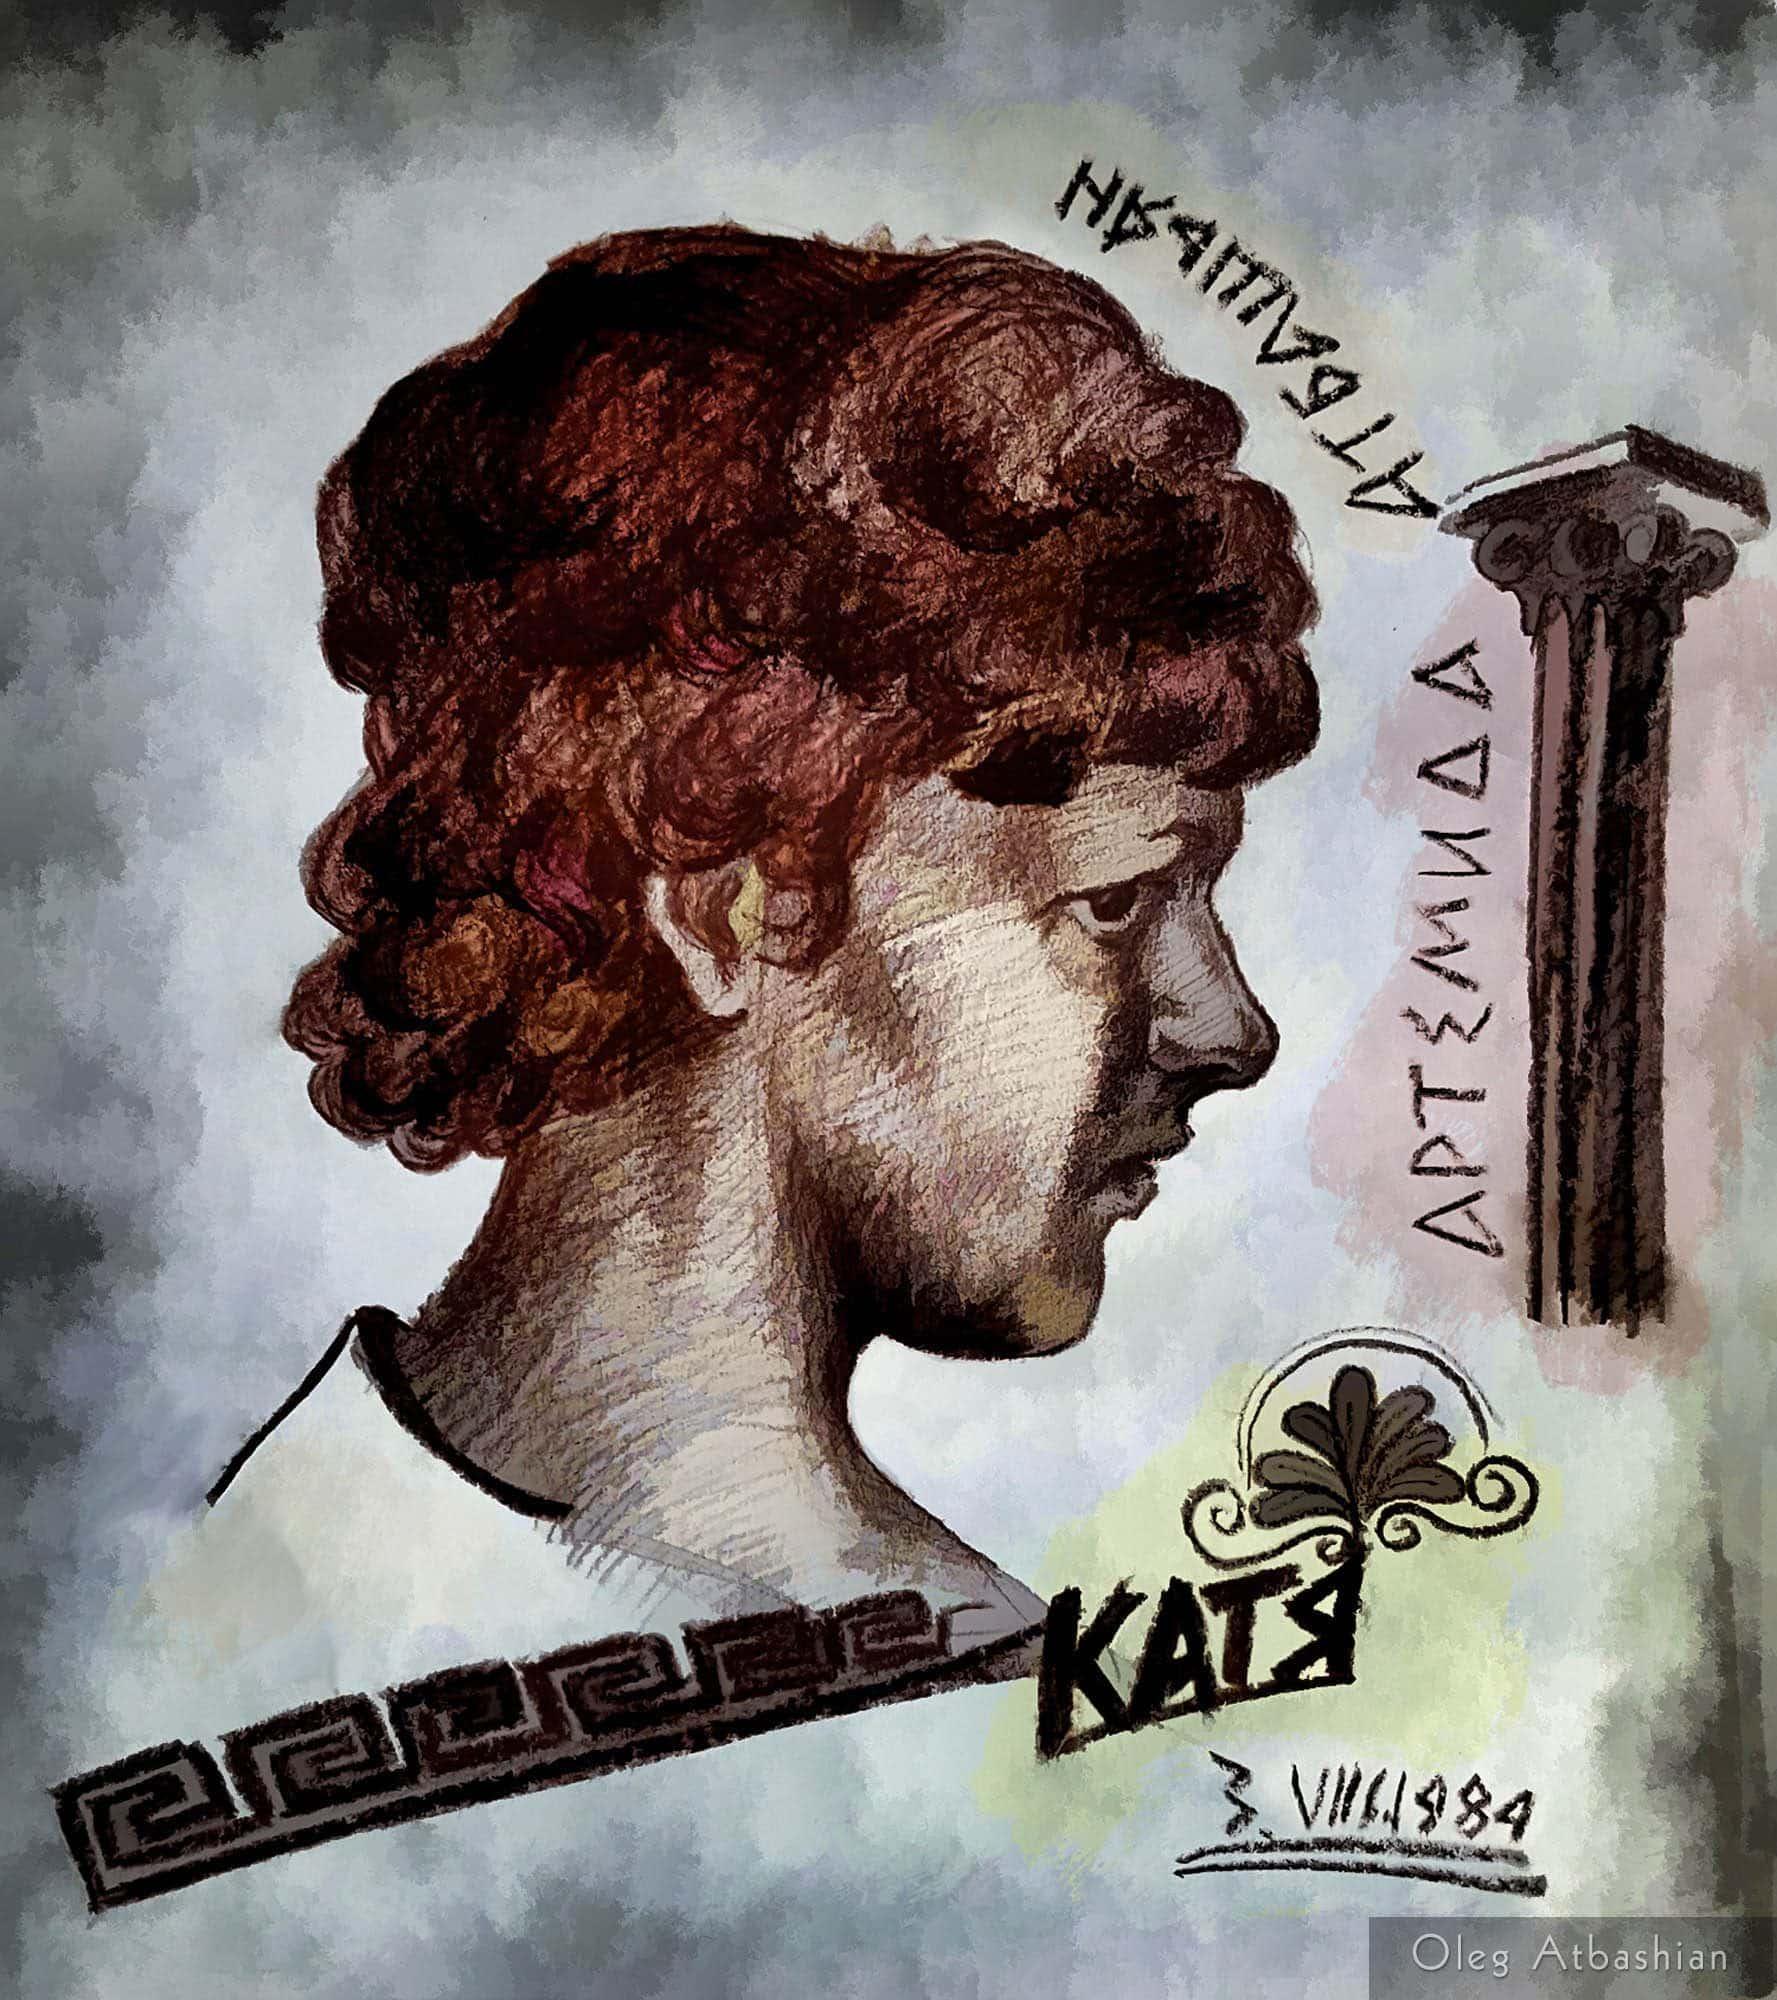 Sister Katia as Artemis